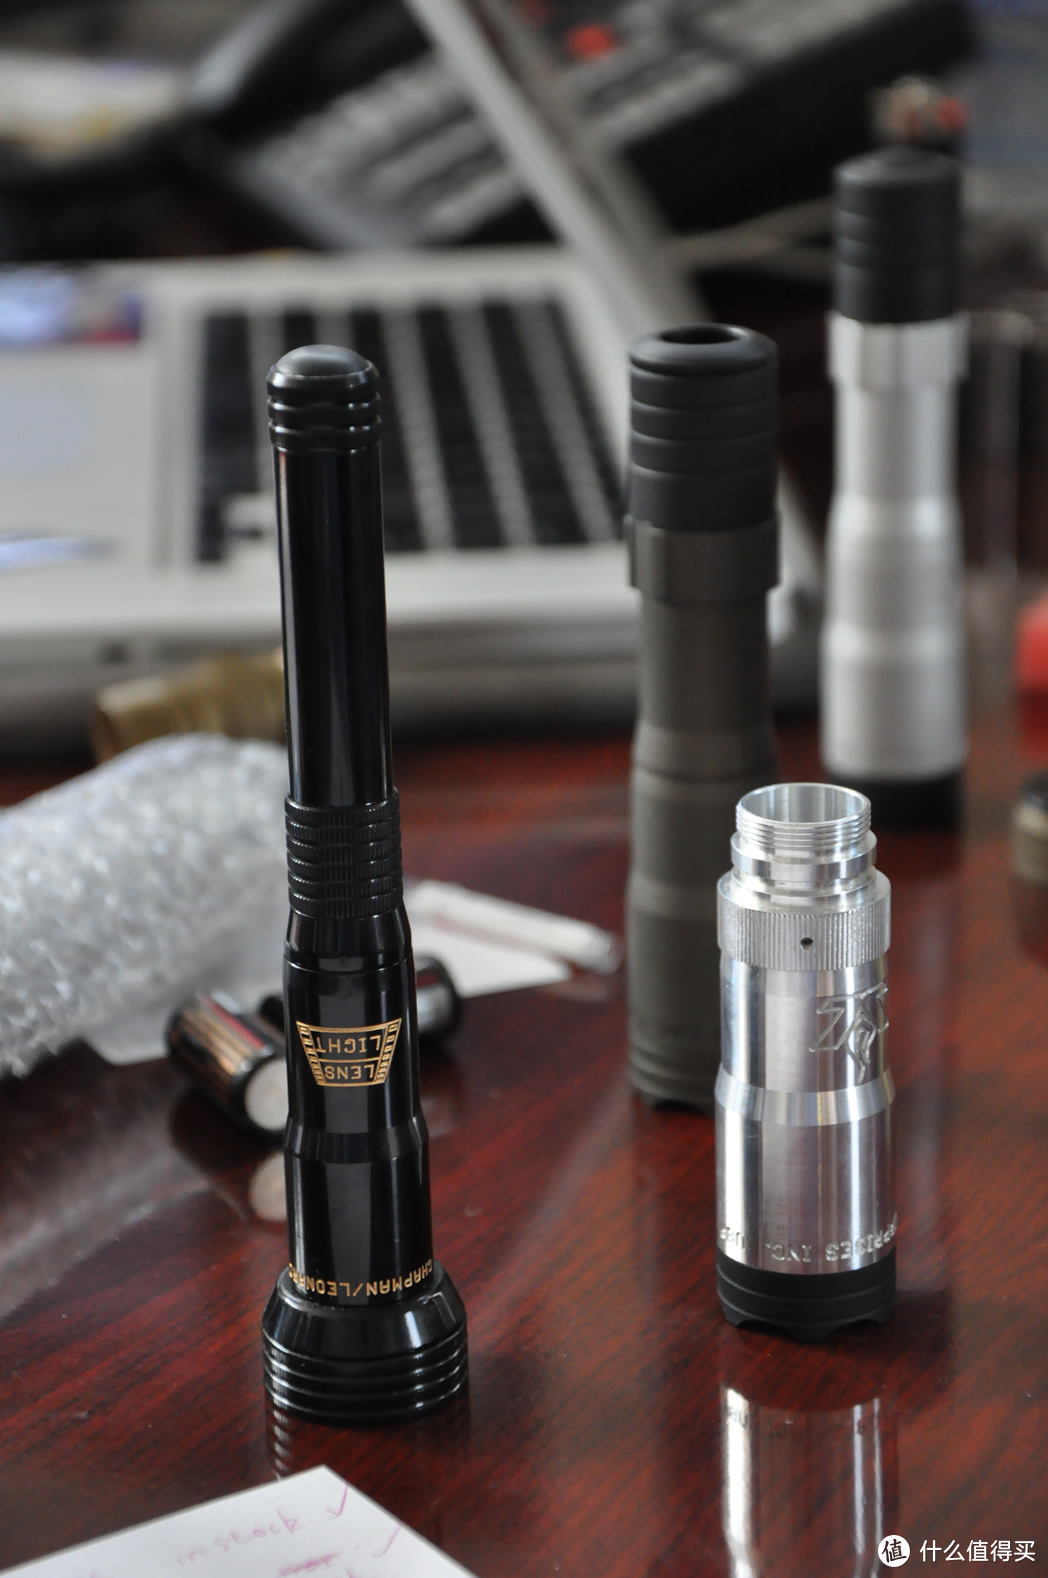 户外手电EDC, 如何选择一款适合日常携带, 而且性能满分的产品?傲雷指挥家3龙凤限量版